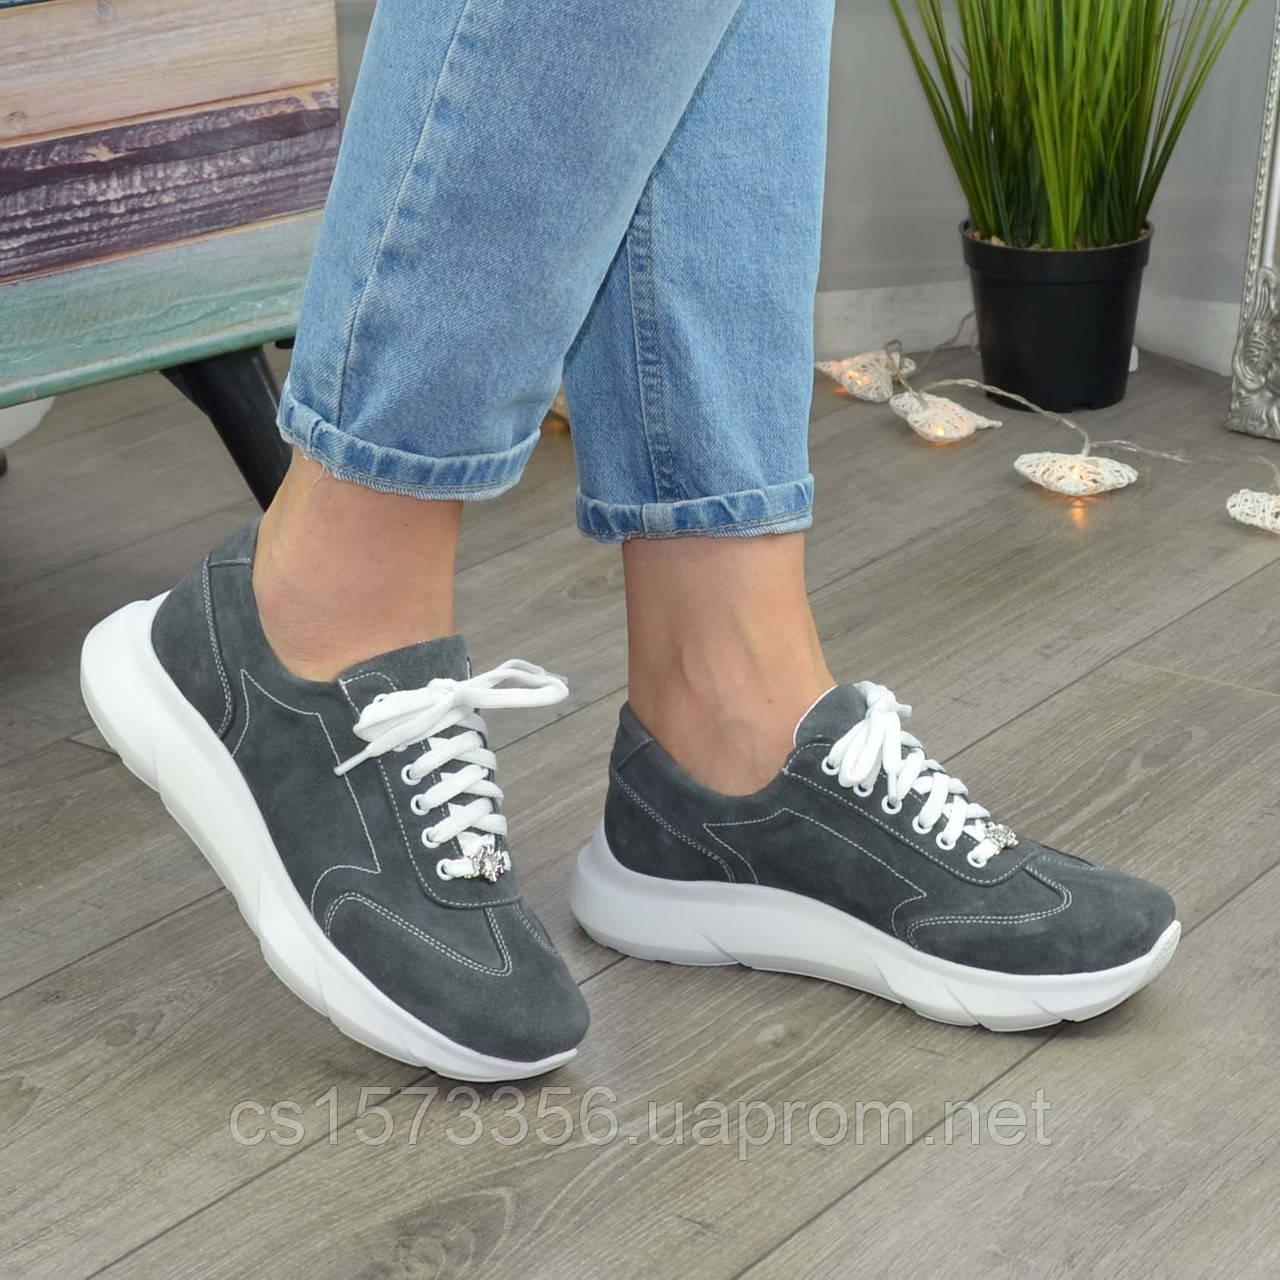 Кроссовки женские замшевые на белой подошве, на шнурках. Цвет серый